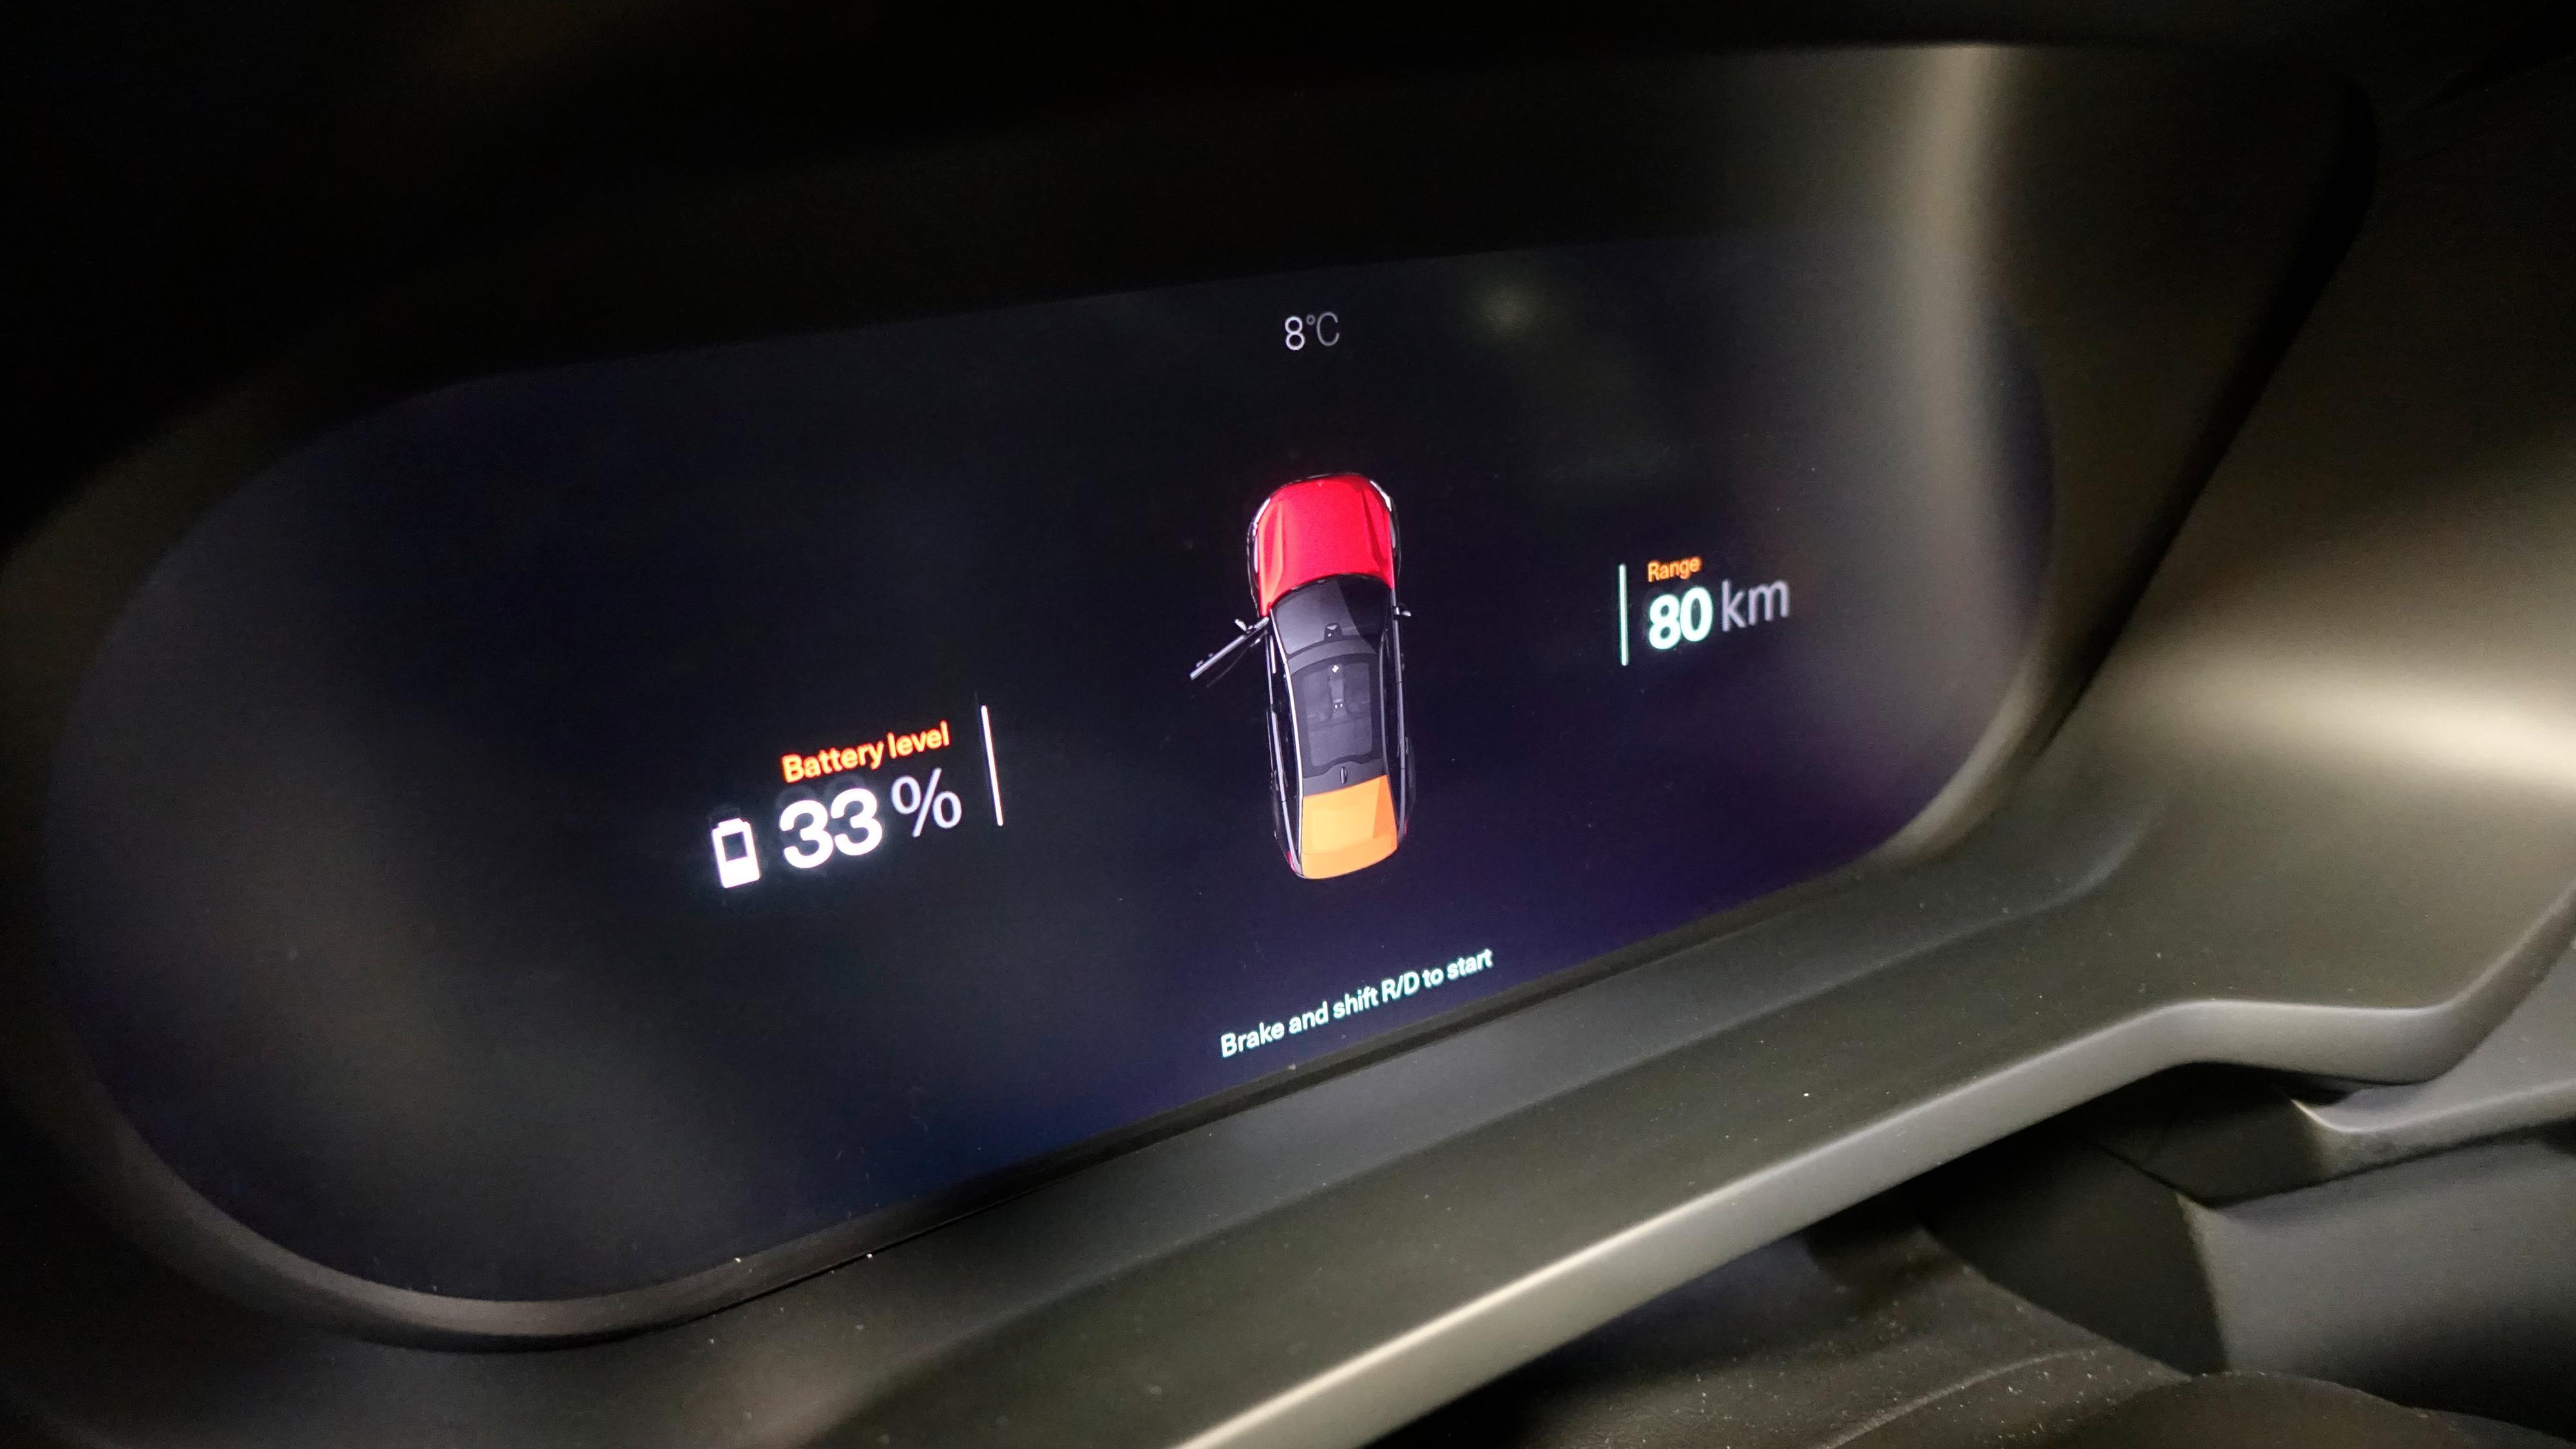 Bilen vi tok bilder av hadde sannsynligvis blitt kjørt ganske hardt – 80 kilometer rekkevidde på 33 prosent batteri er ikke veldig mye å skryte av.